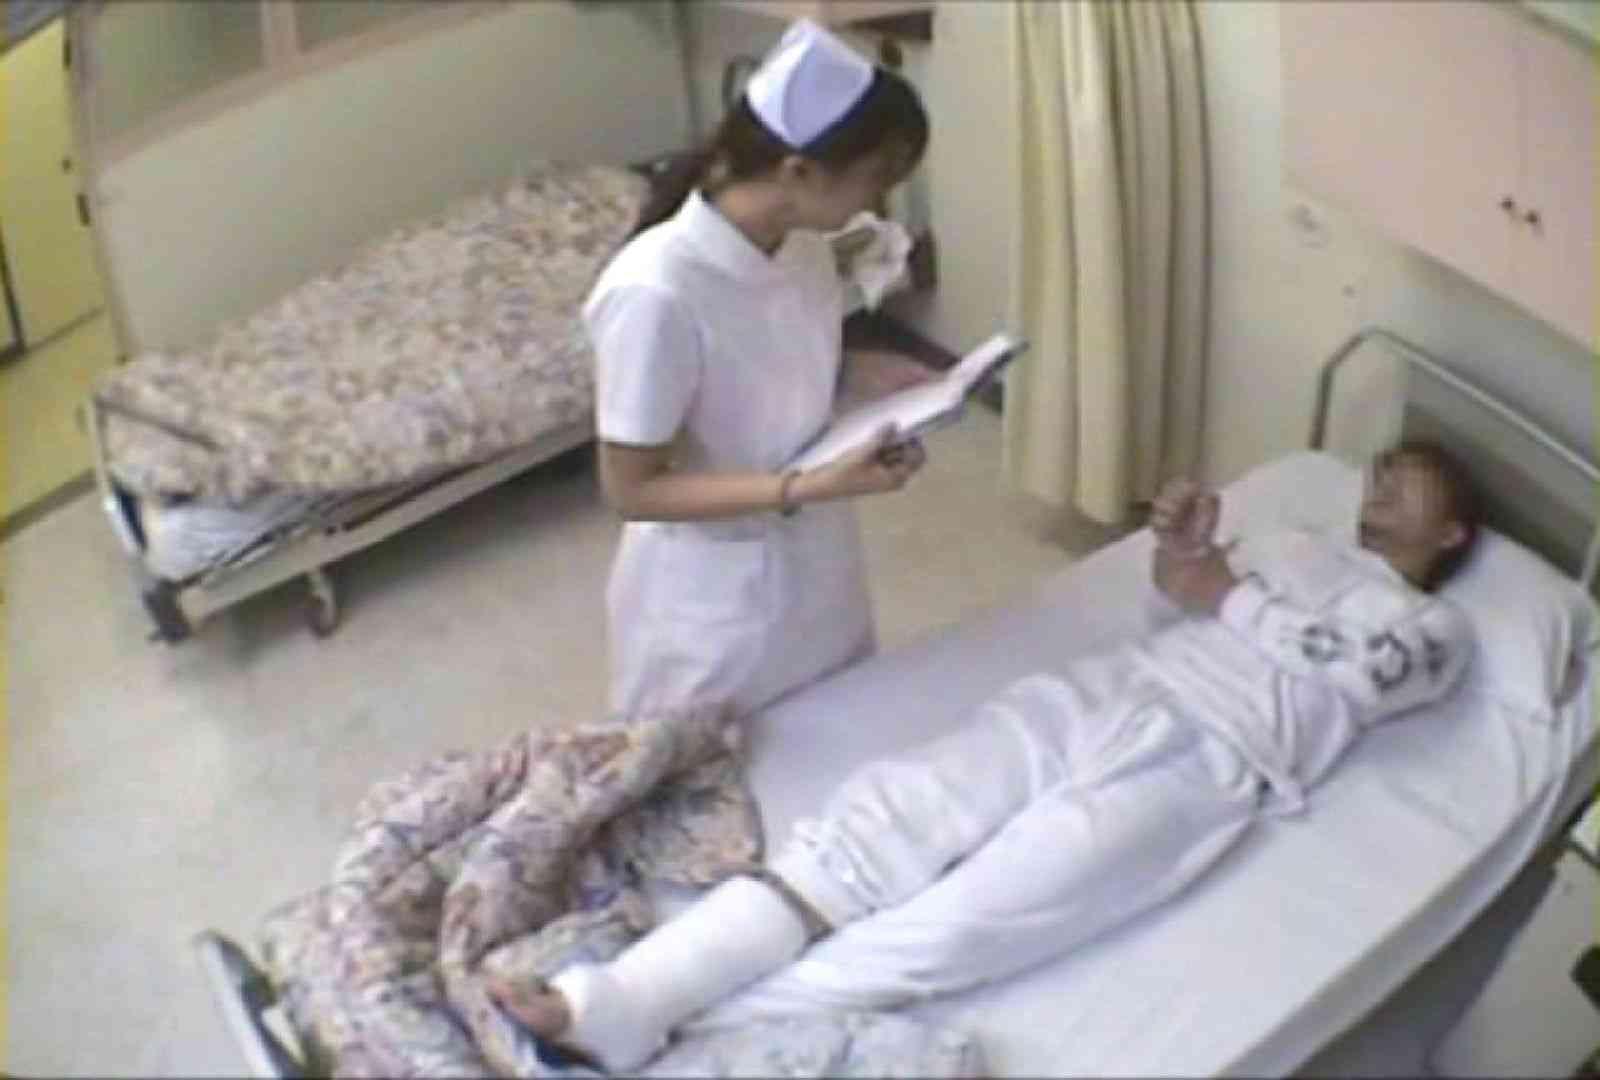 絶対に逝ってはいけない寸止め病棟Vol.8 OLセックス | 0  100画像 5